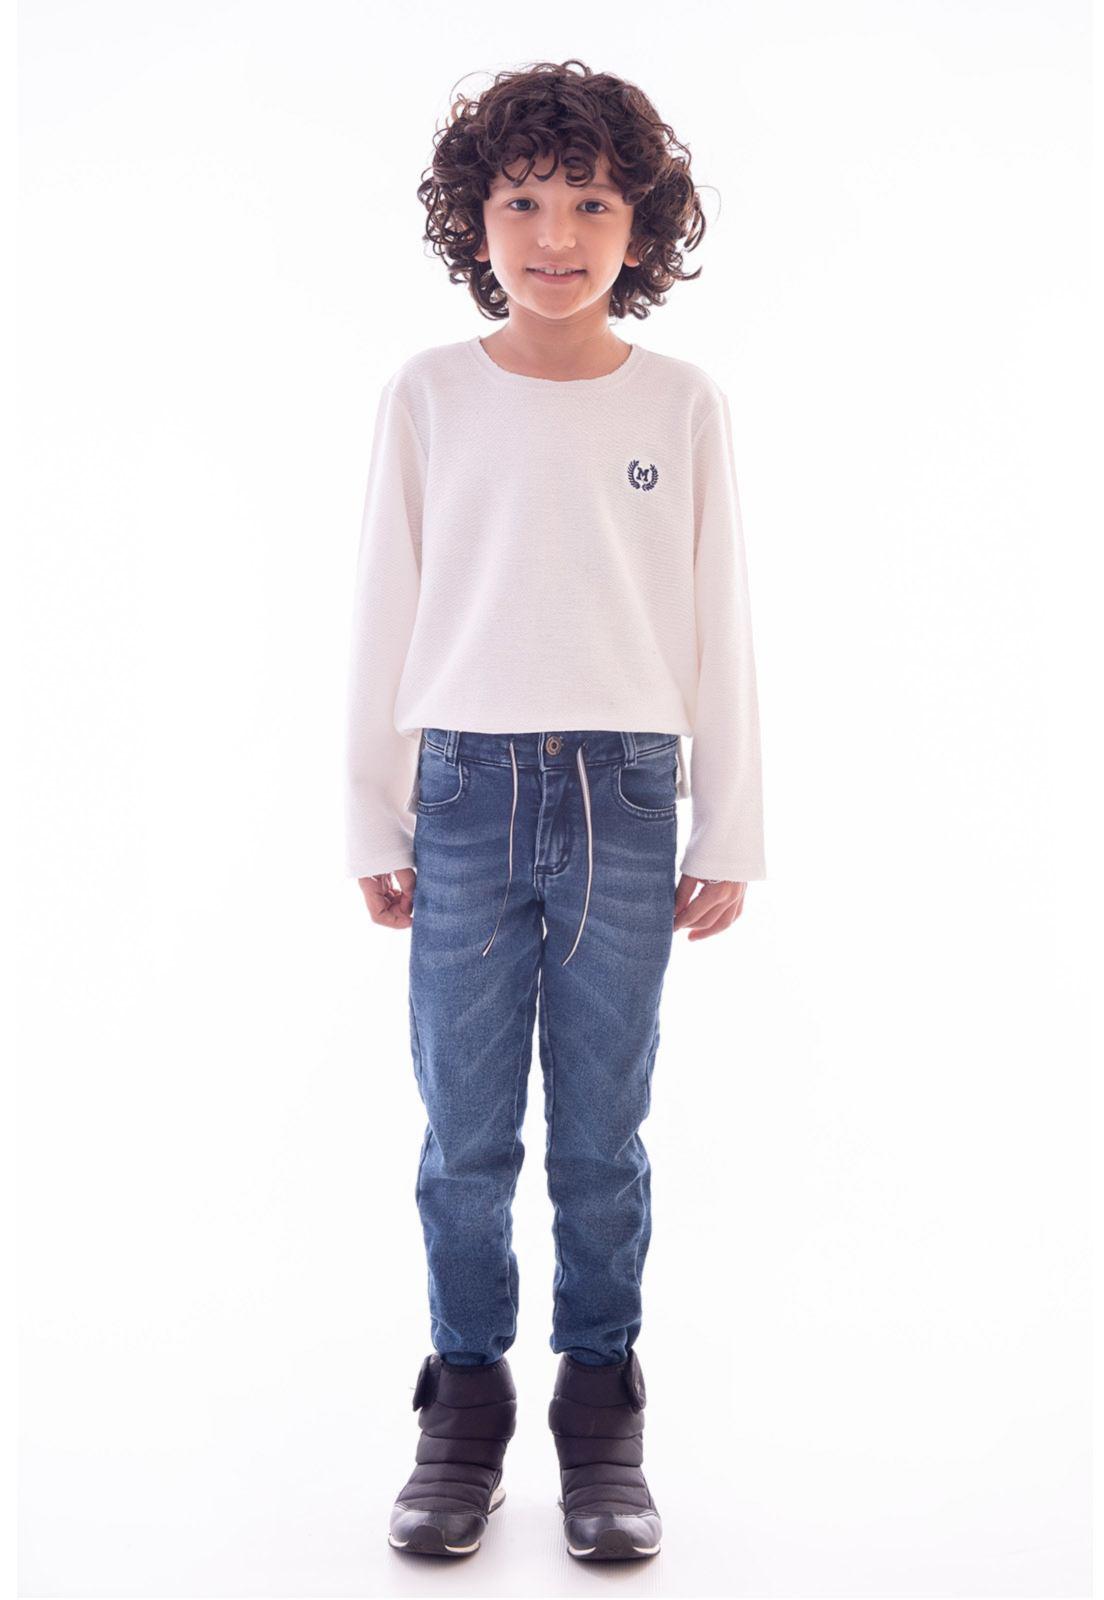 Calça Jeans Moletom Tradicional Ref. 509